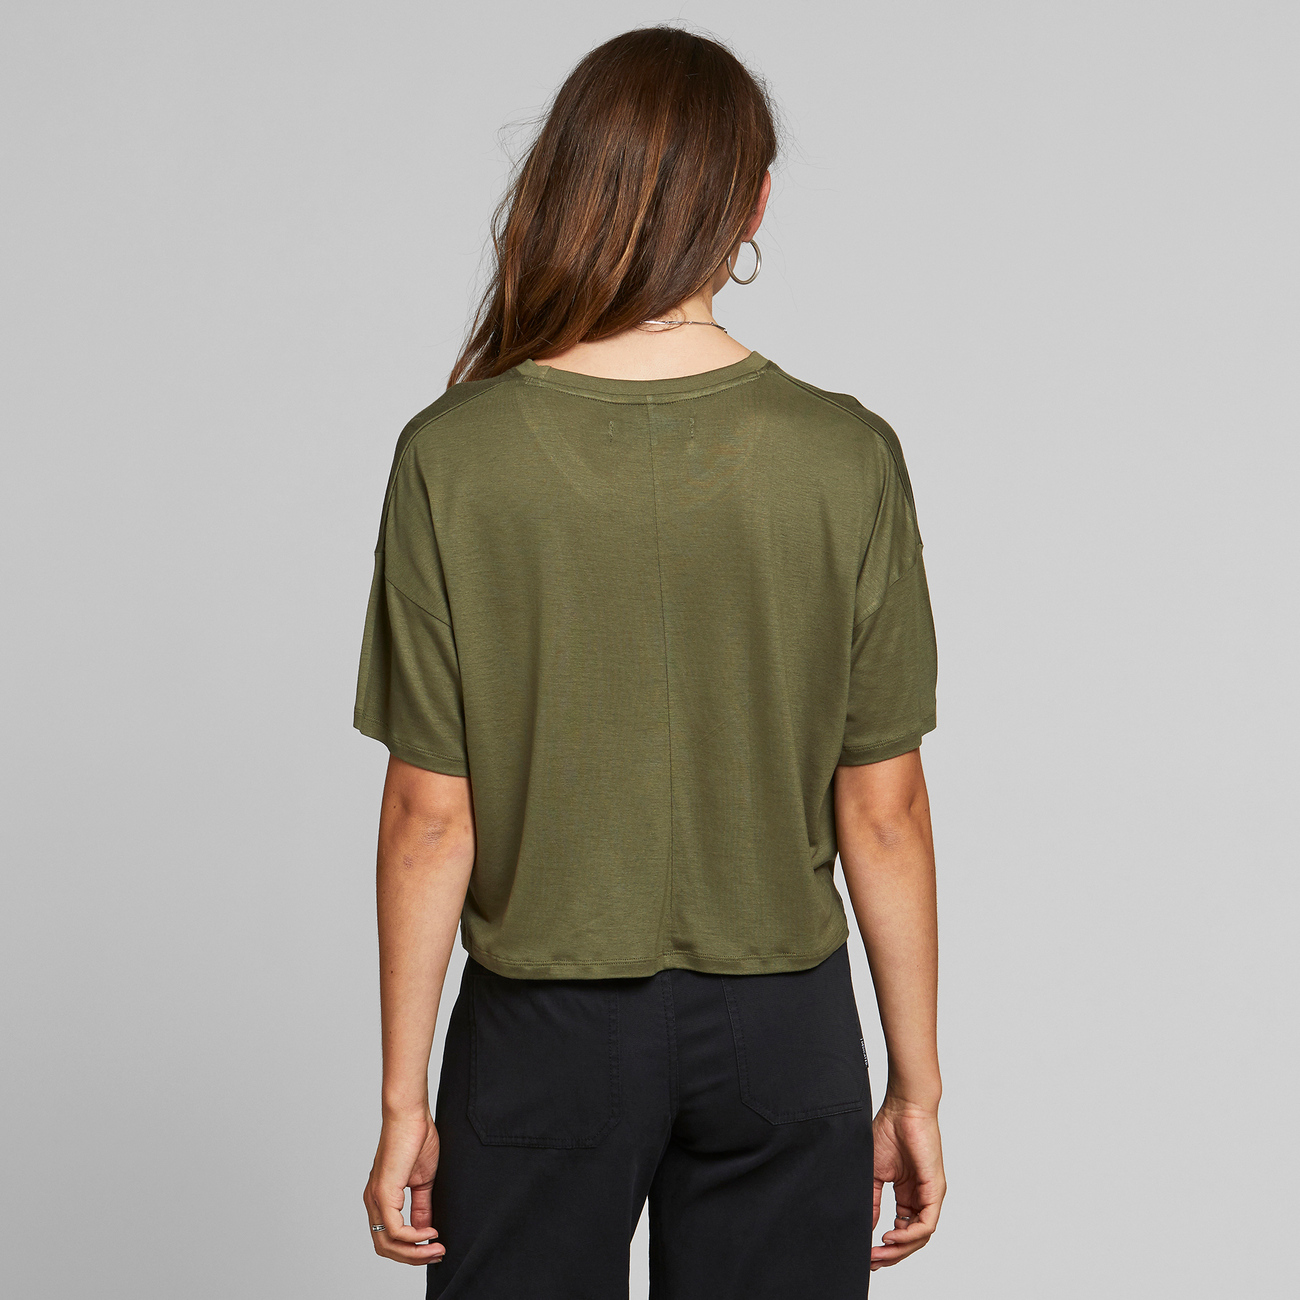 T-shirt Kivik Leaf Green